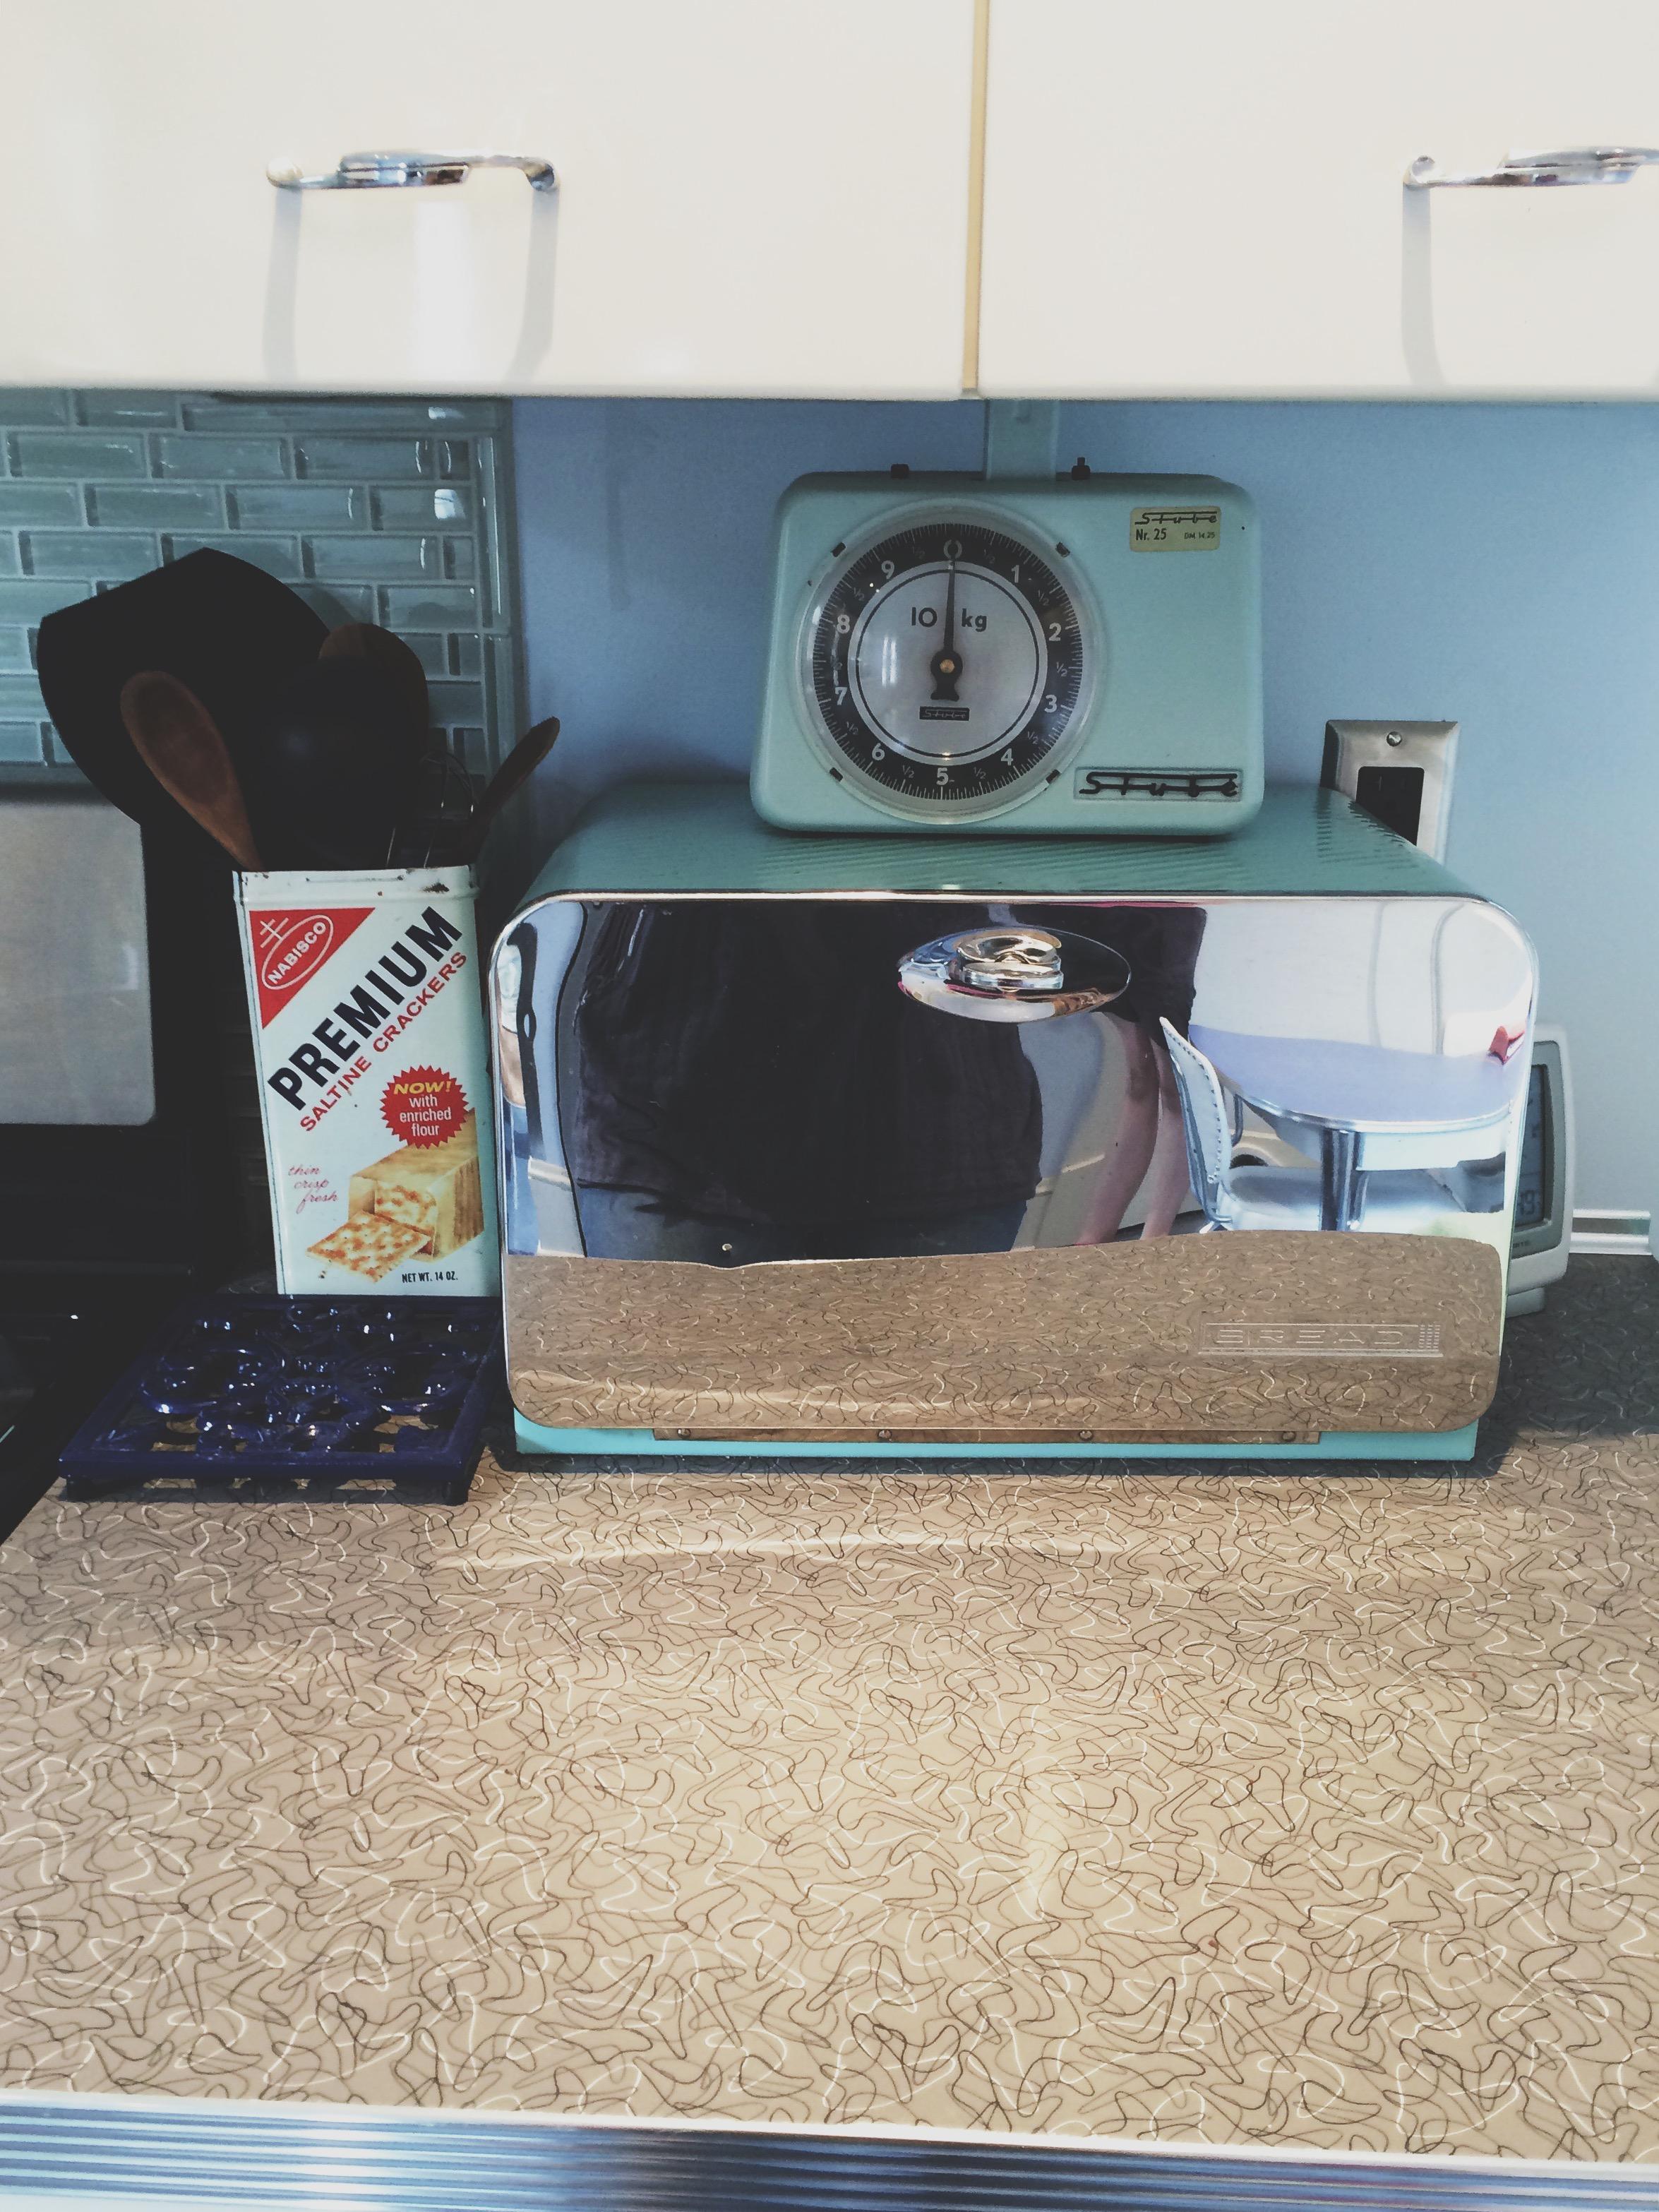 vintagebreadbox